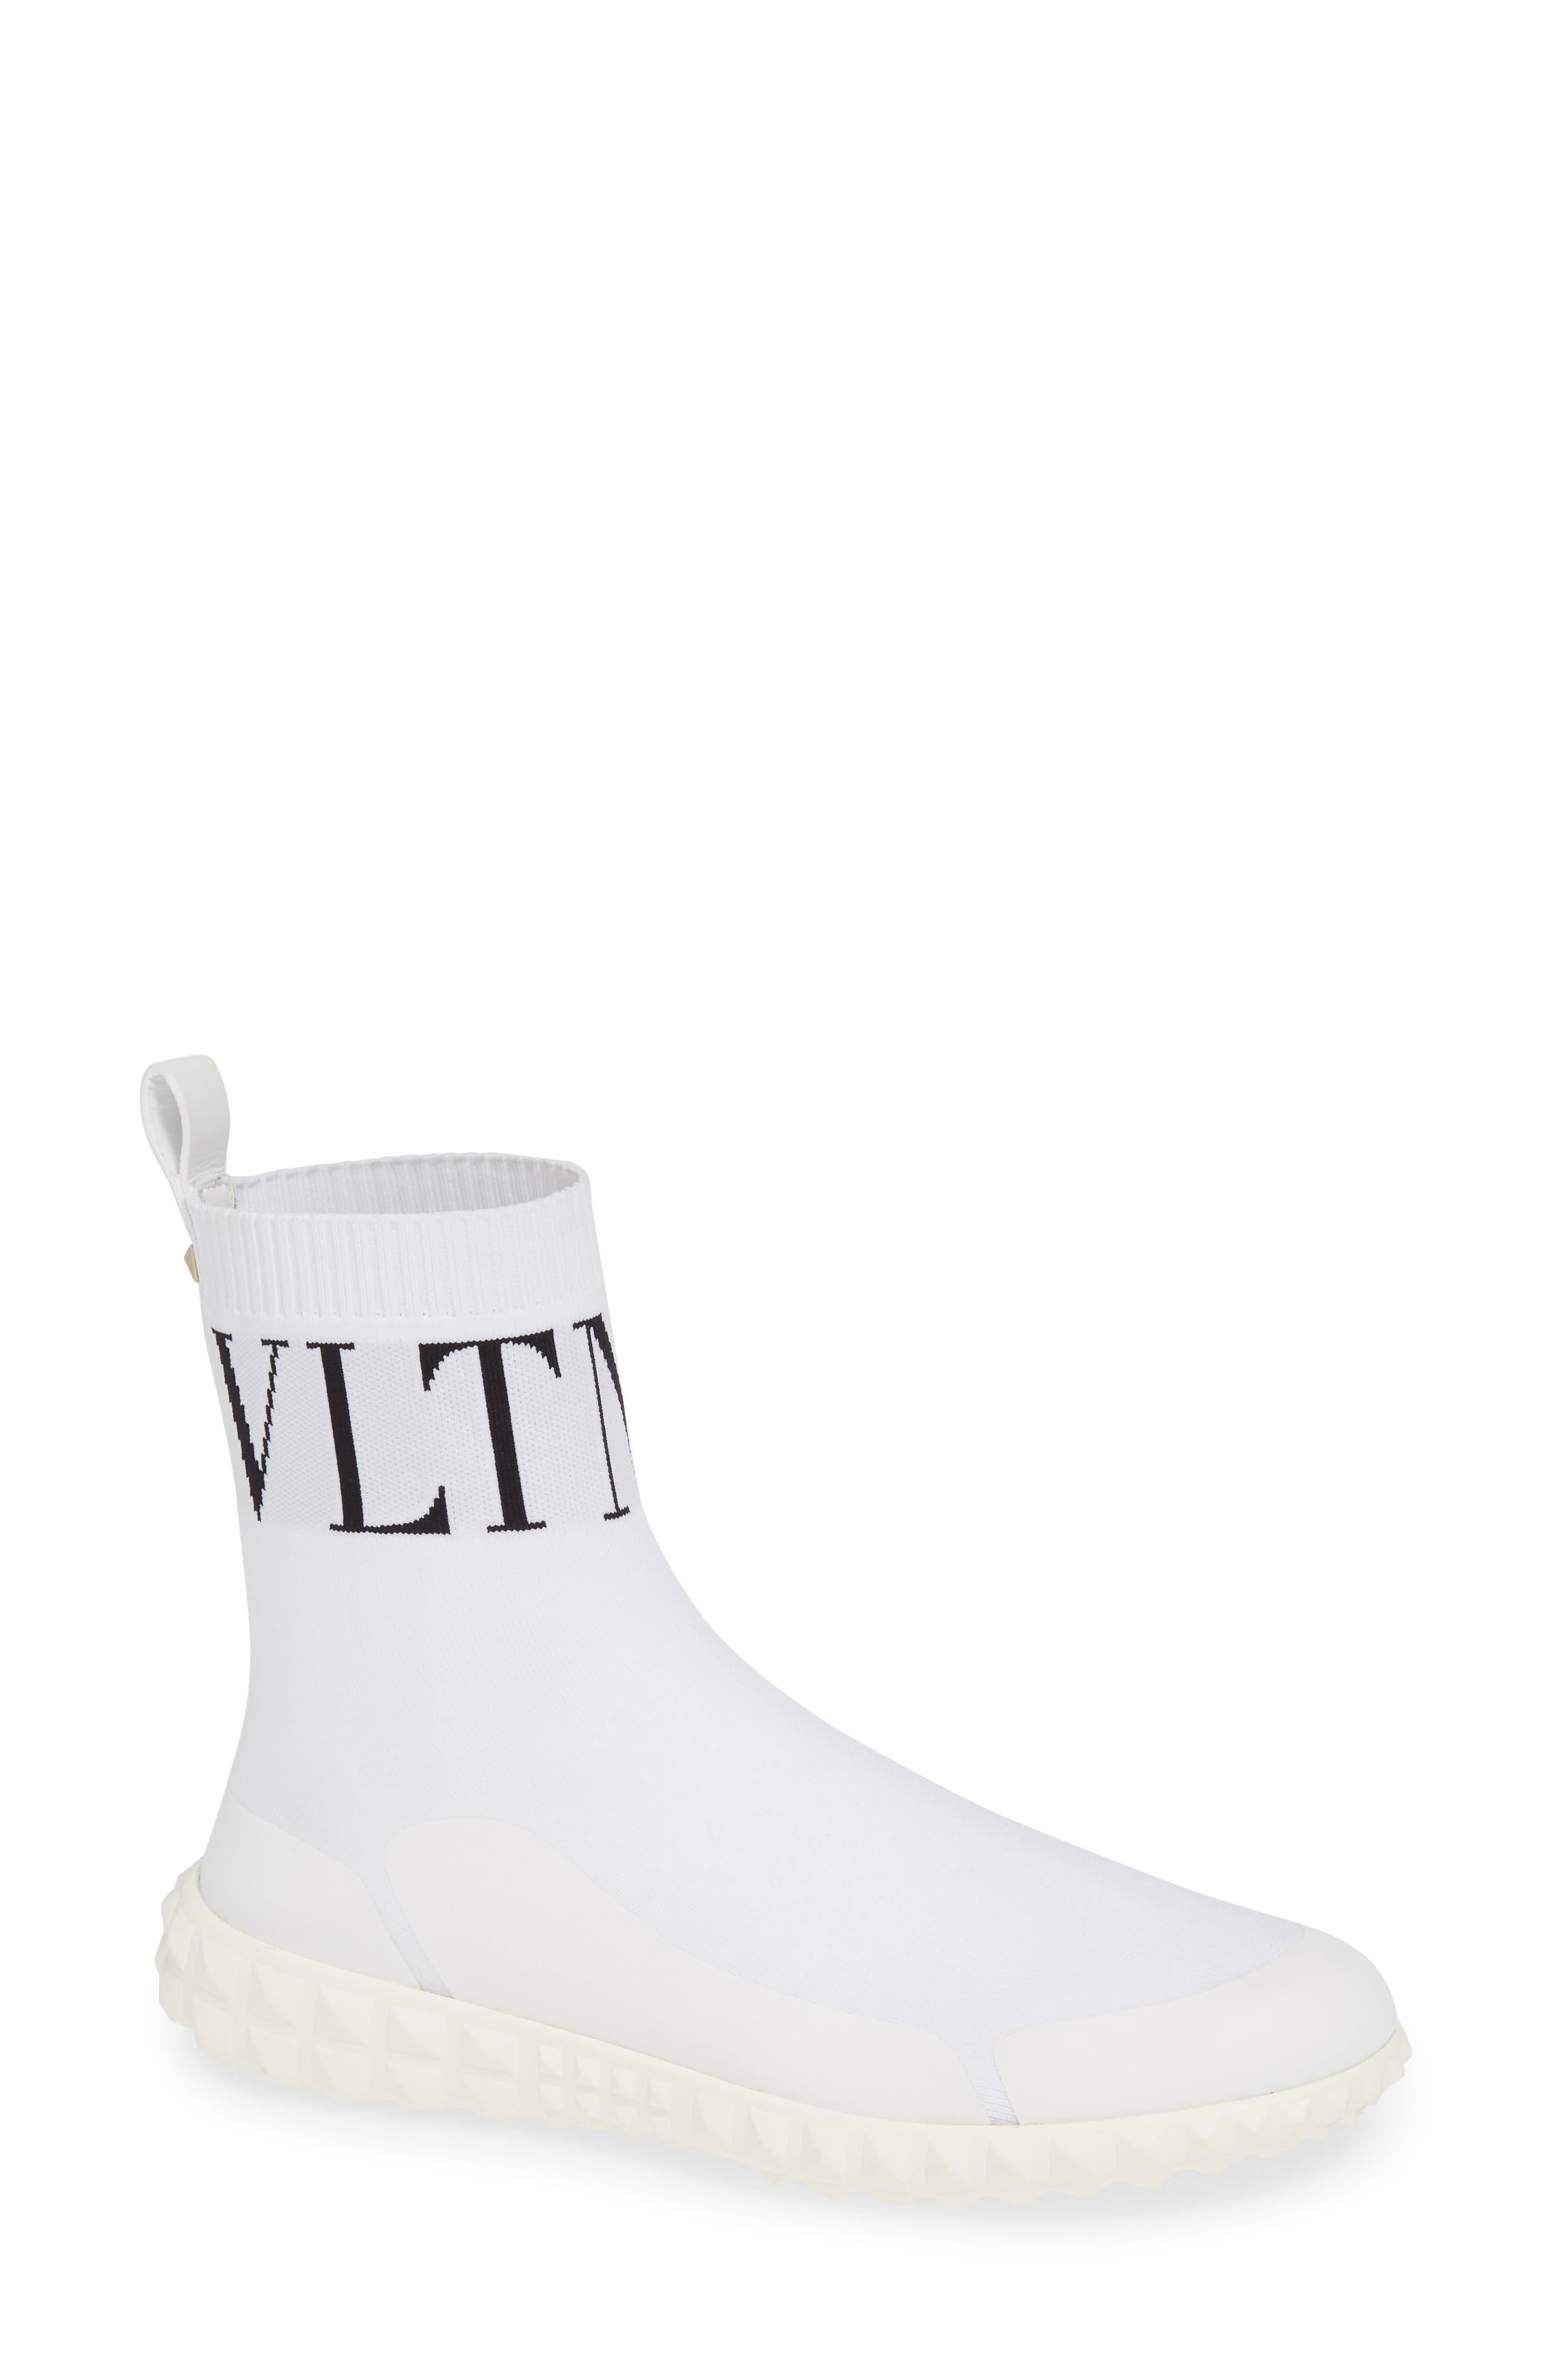 VLTN Slip-On Sock Sneaker,                             Main thumbnail 1, color,                             102